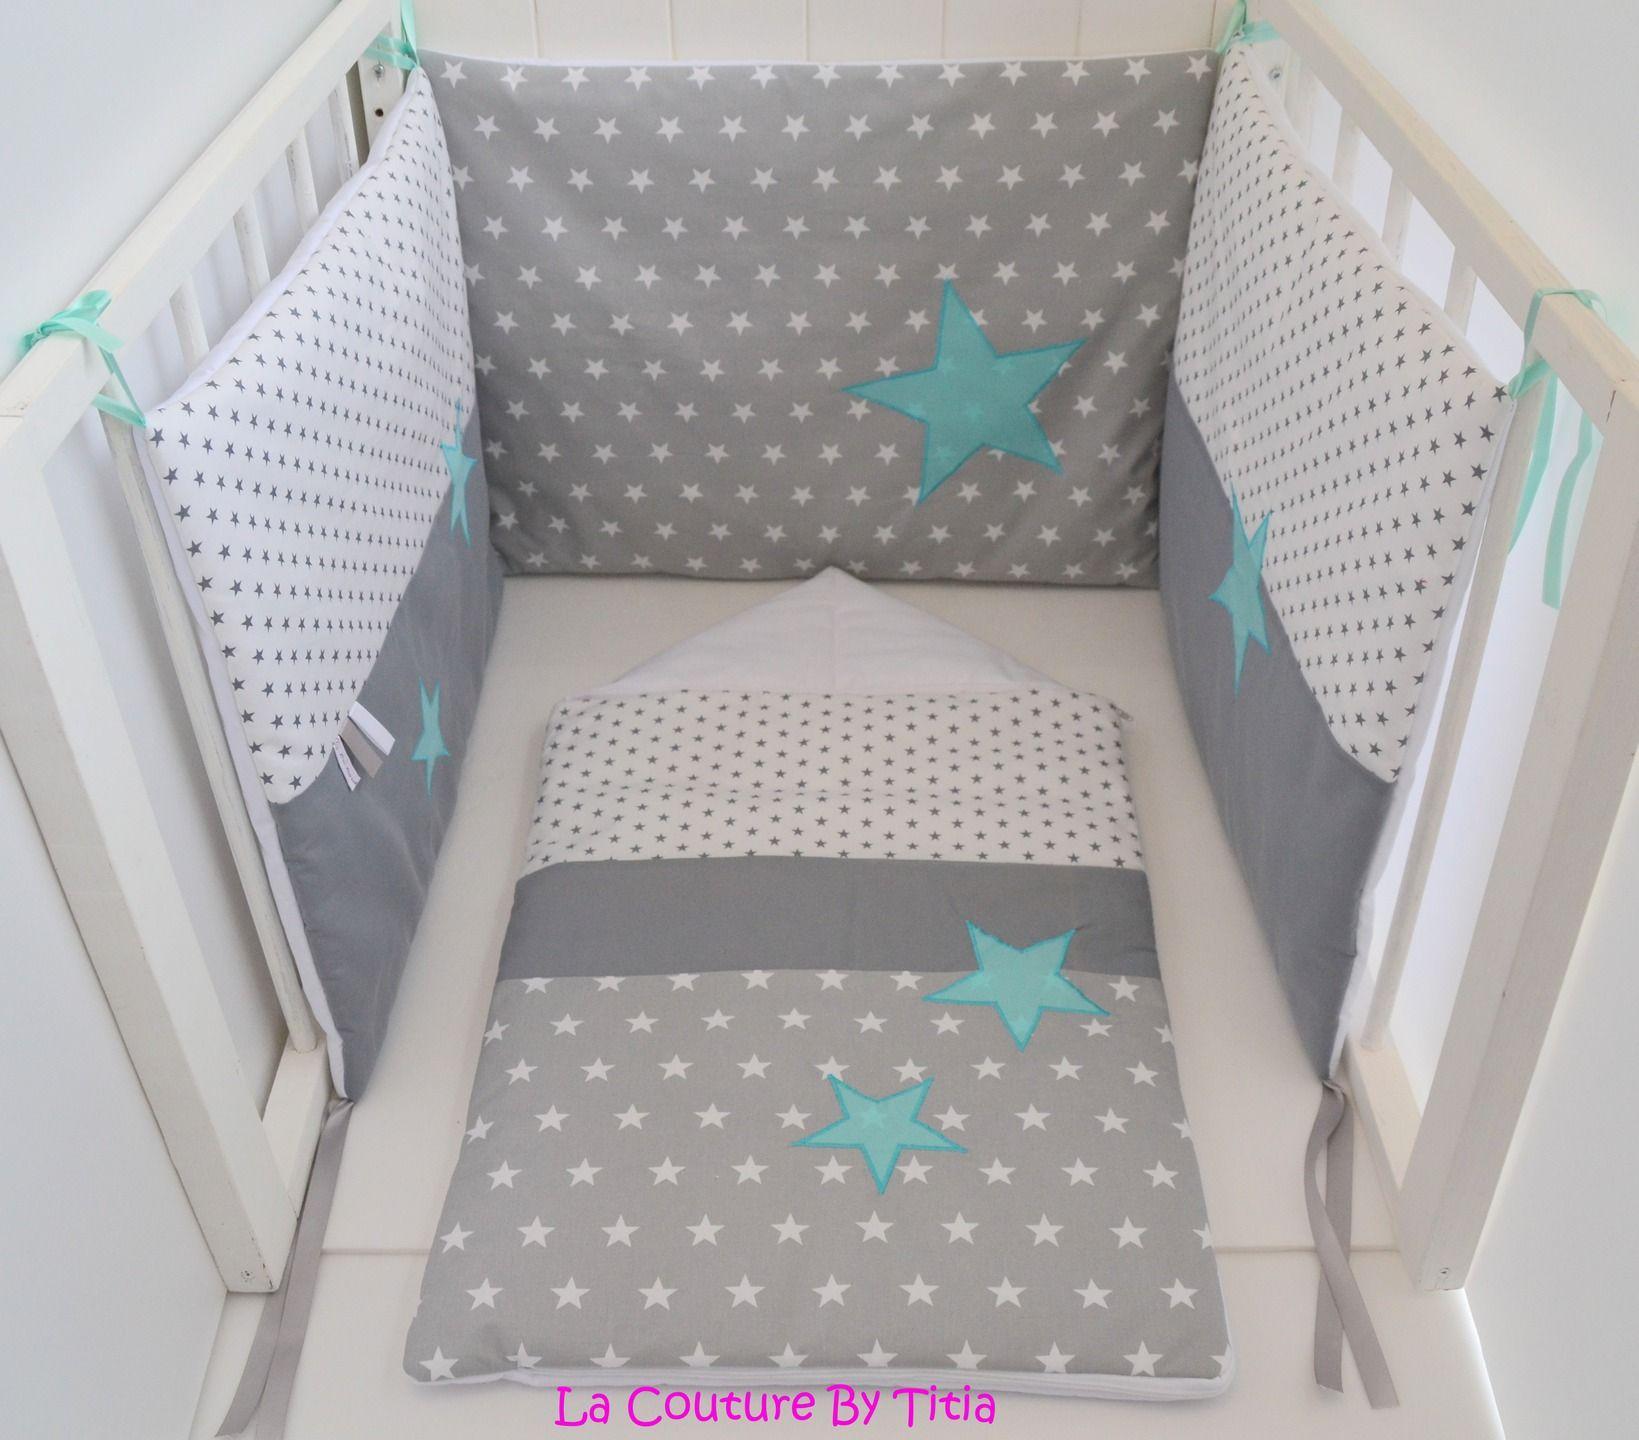 tour de lit fait main id e d 39 image de meubles. Black Bedroom Furniture Sets. Home Design Ideas